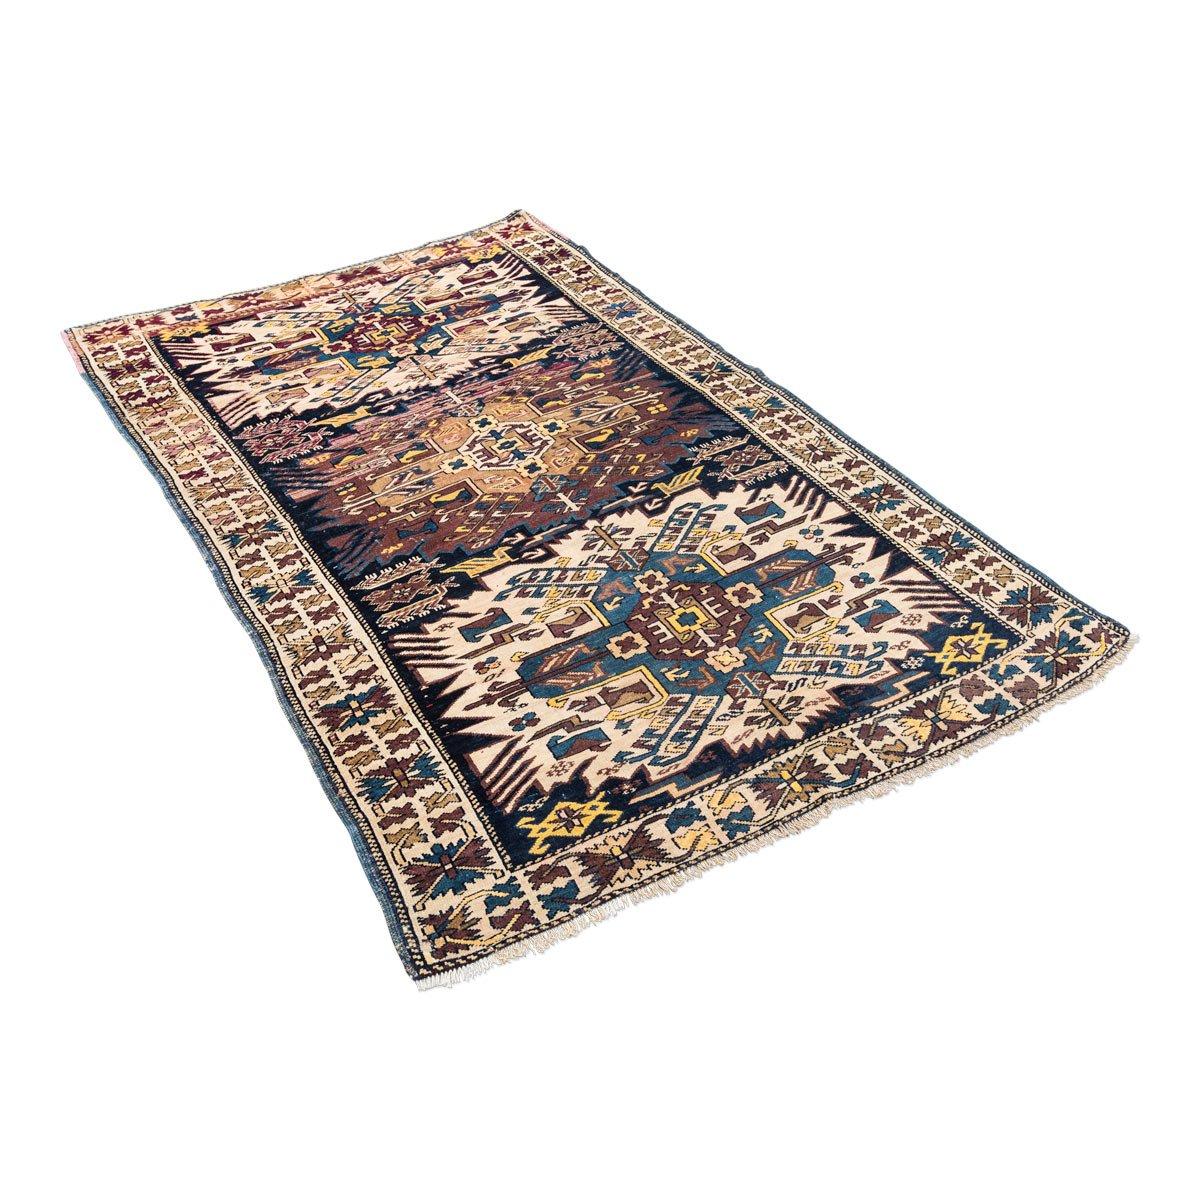 antiker kasachischer shirvan teppich in blau mit adler bei pamono kaufen. Black Bedroom Furniture Sets. Home Design Ideas